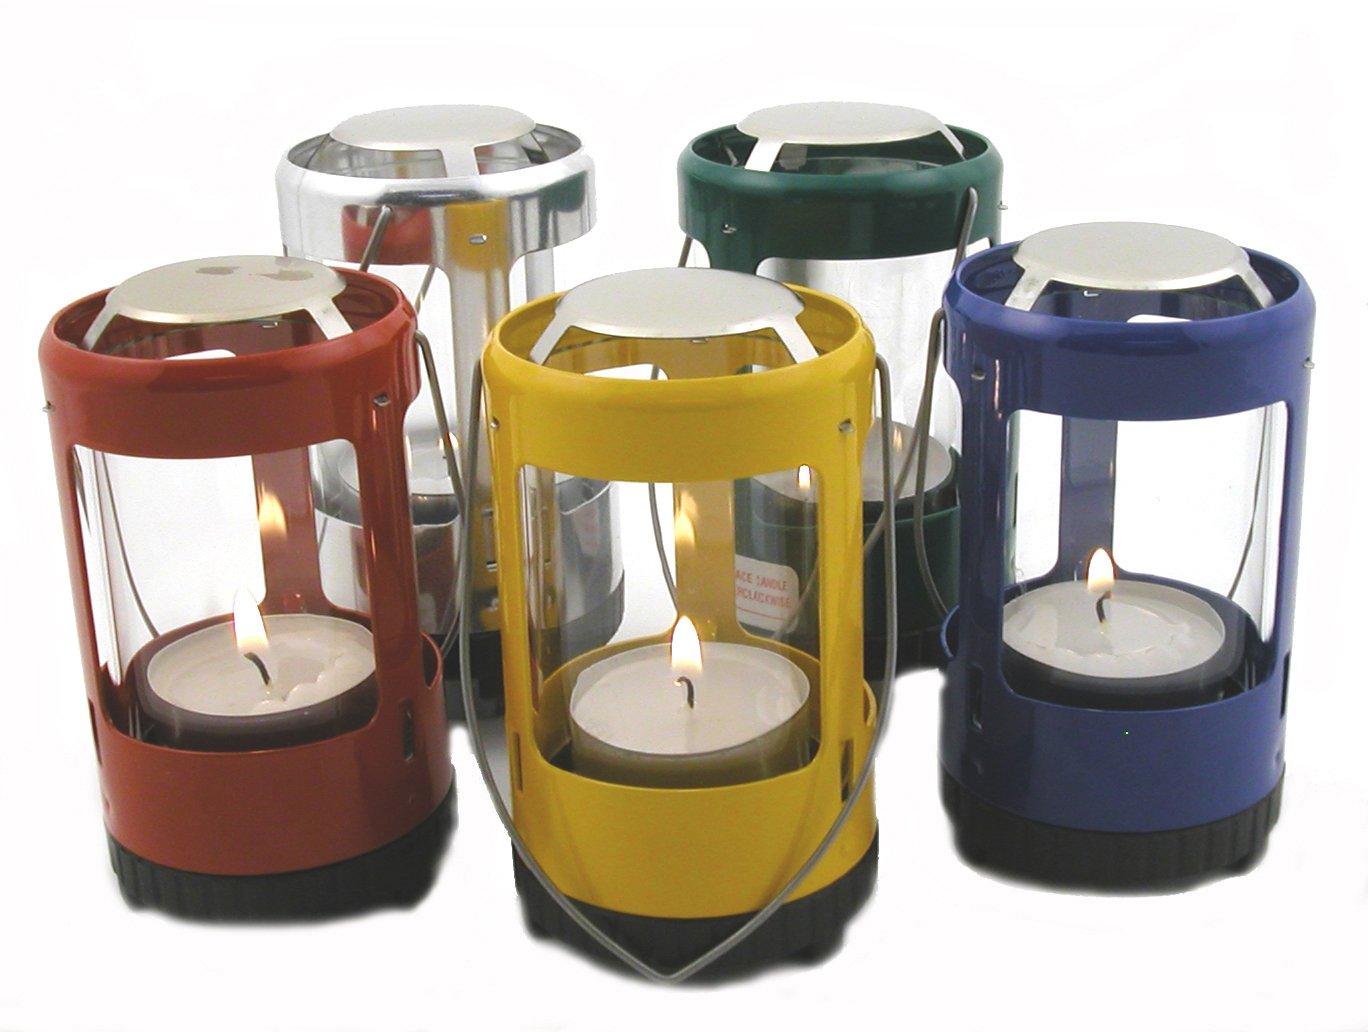 sc 1 st  Amazon UK & UCO Mini Candle Lantern Black: Amazon.co.uk: Kitchen u0026 Home